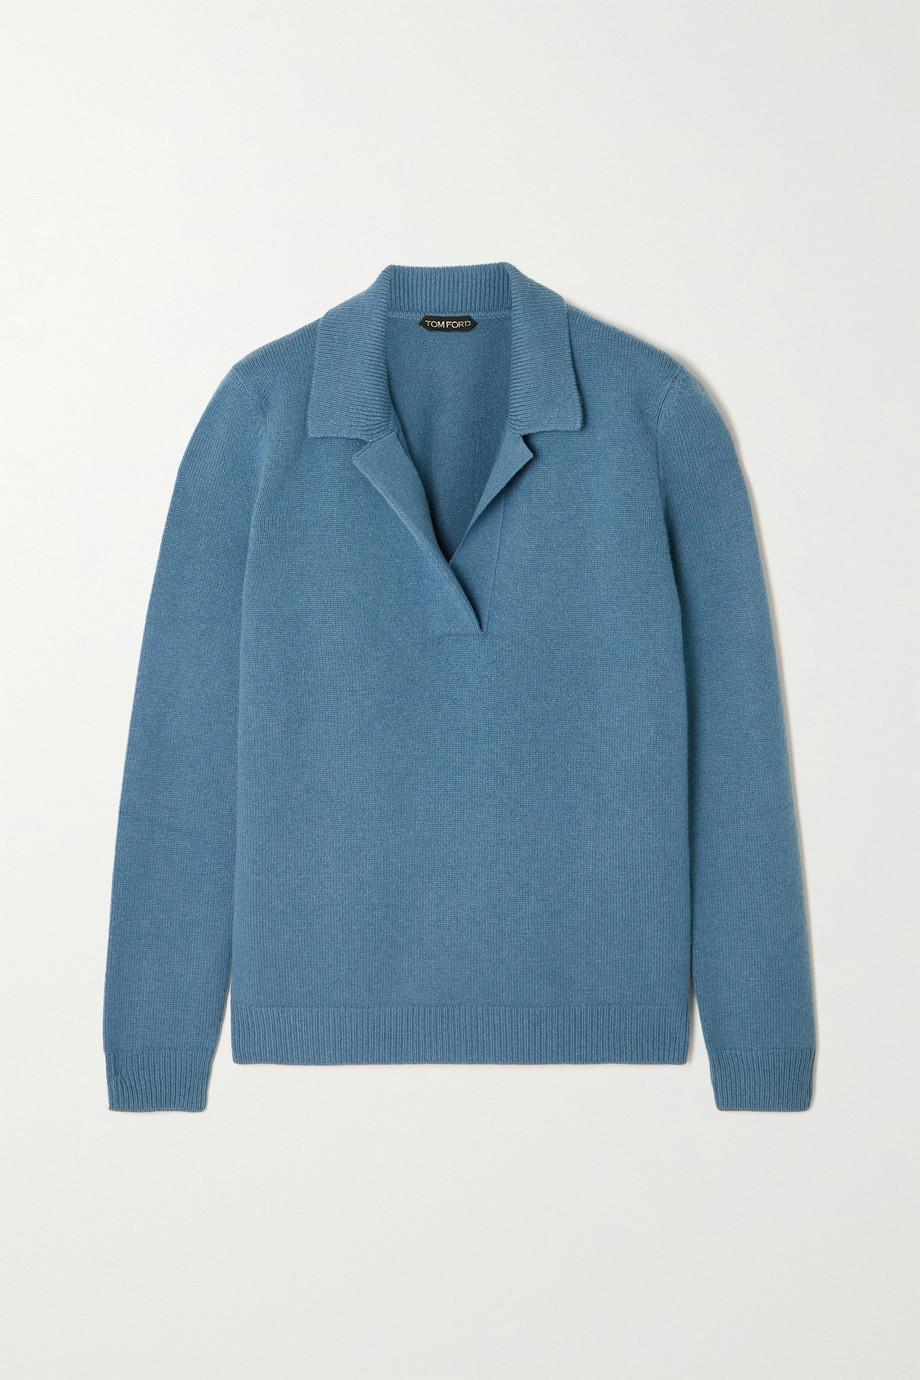 TOM FORD Pullover aus einer Woll-Kaschmirmischung